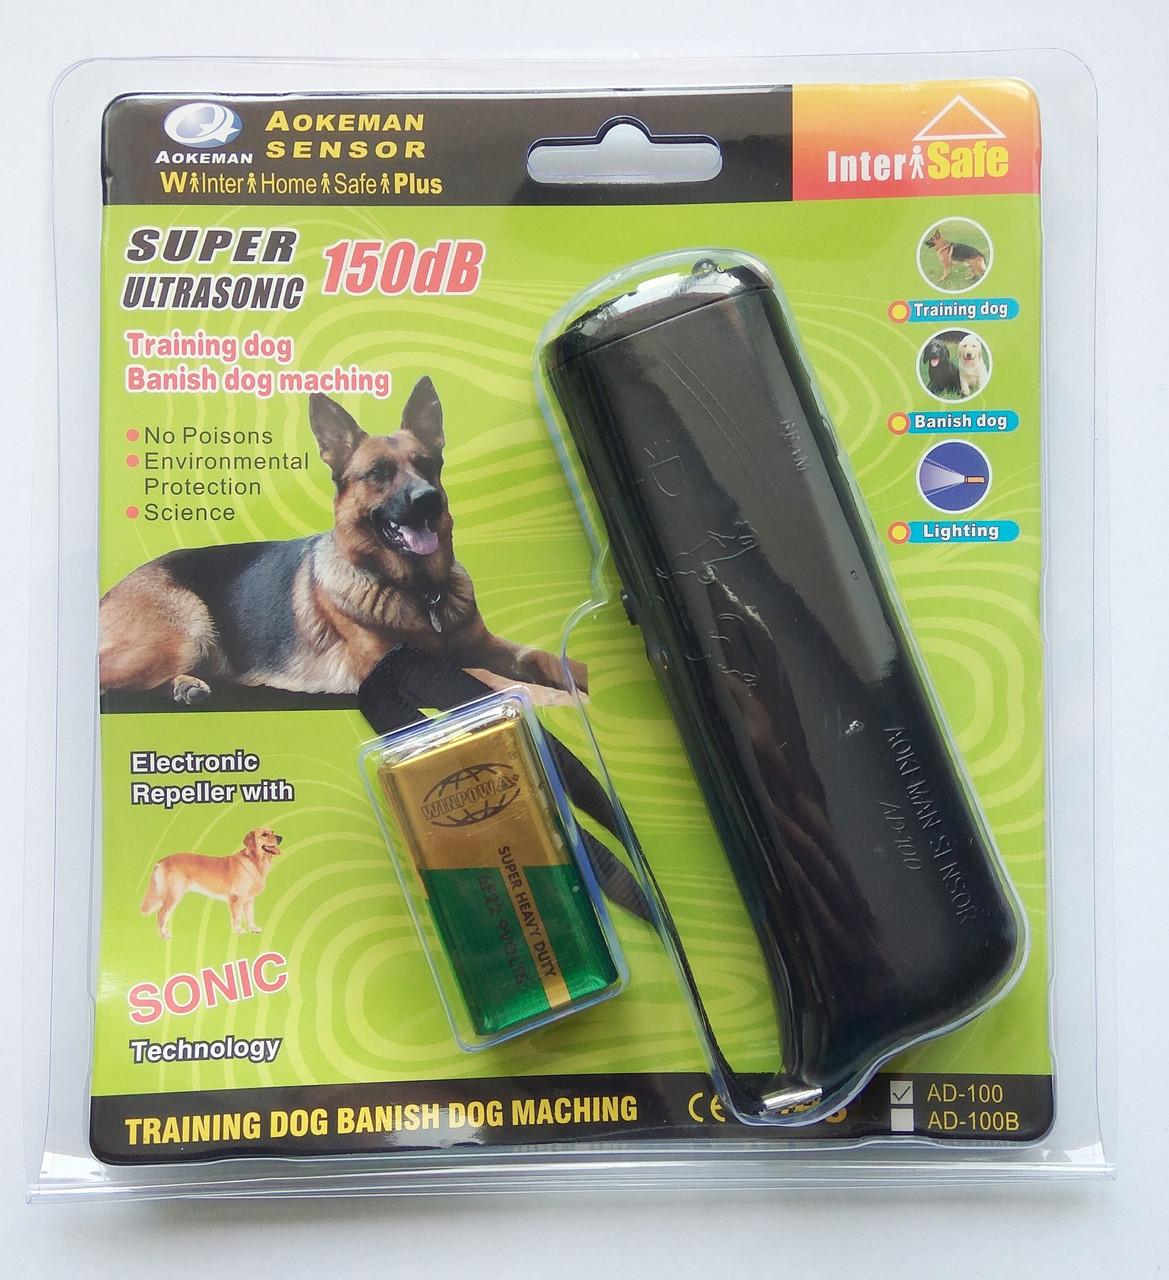 Ультразвуковой отпугиватель собак Sonic AD-100 дресировка (CD-100) с фонариком